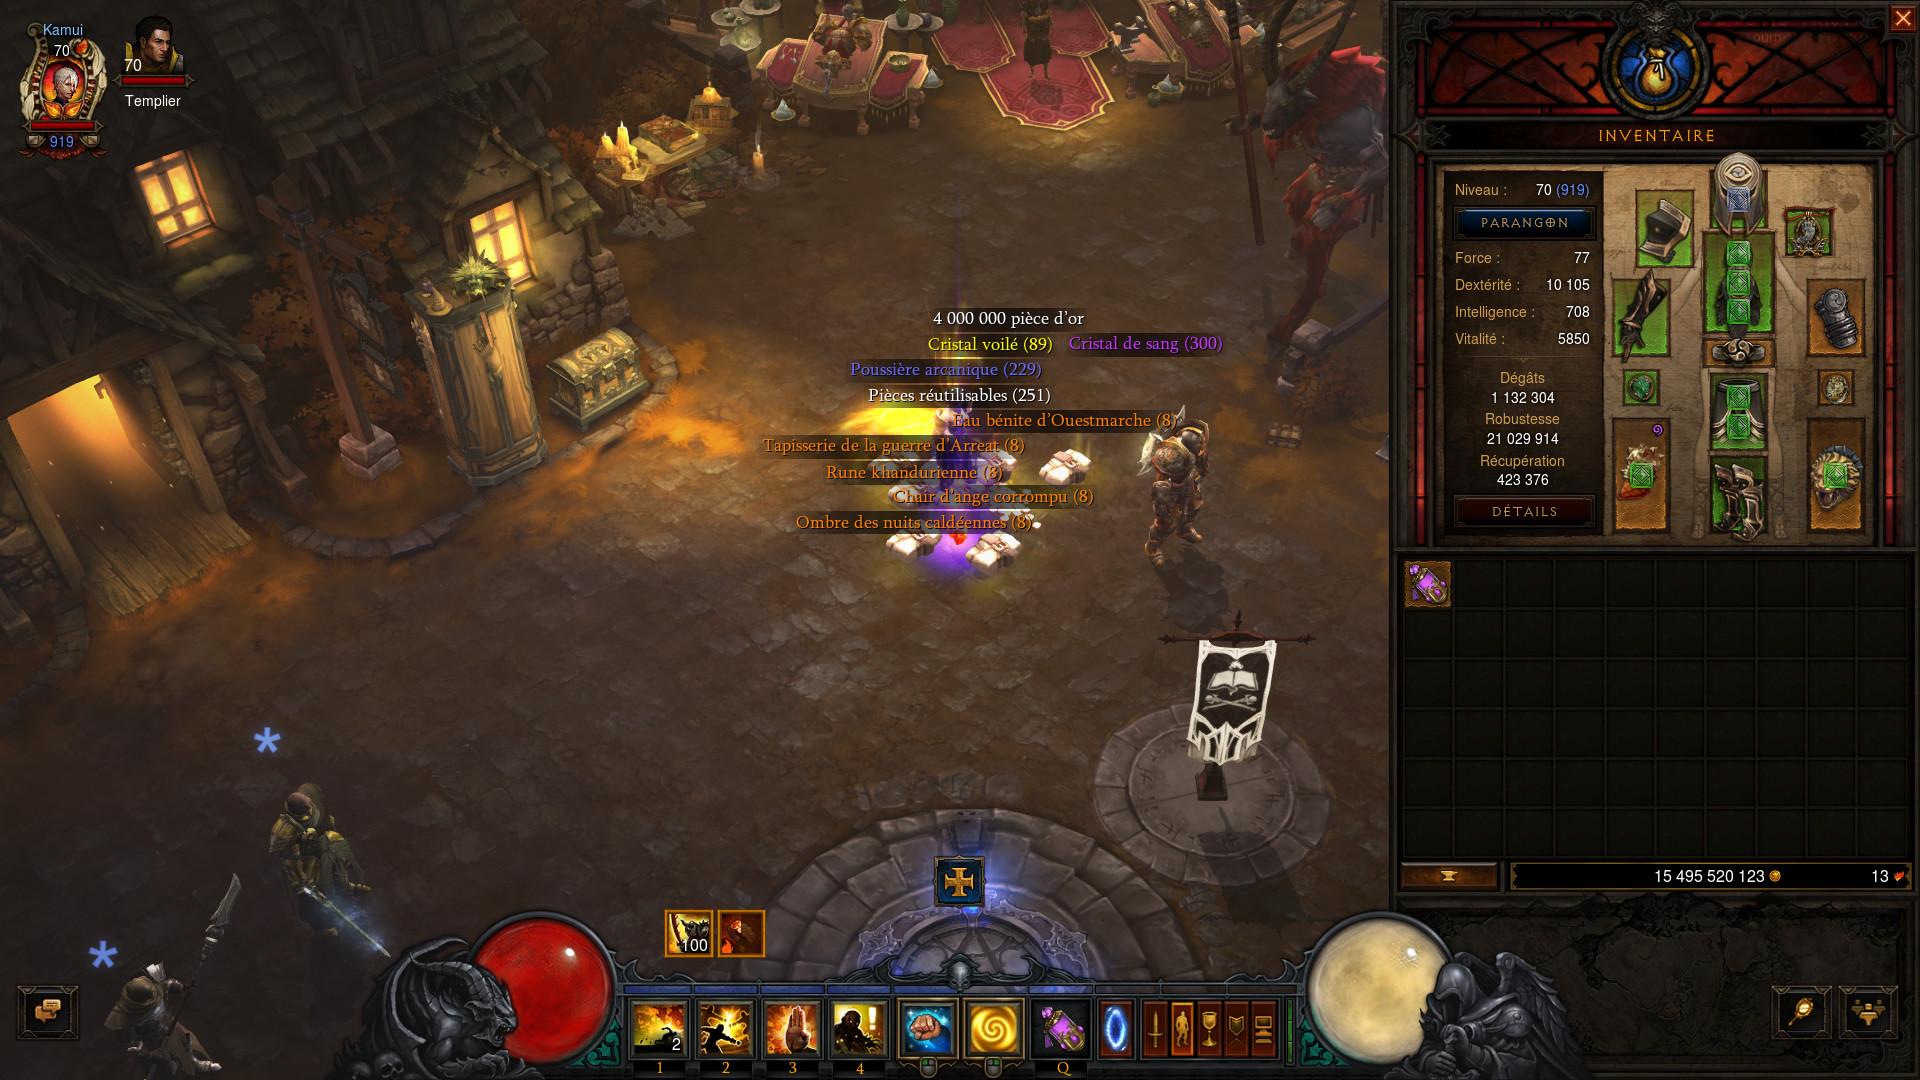 Diablo 3 Patch 2.6 - Faille Probatoire